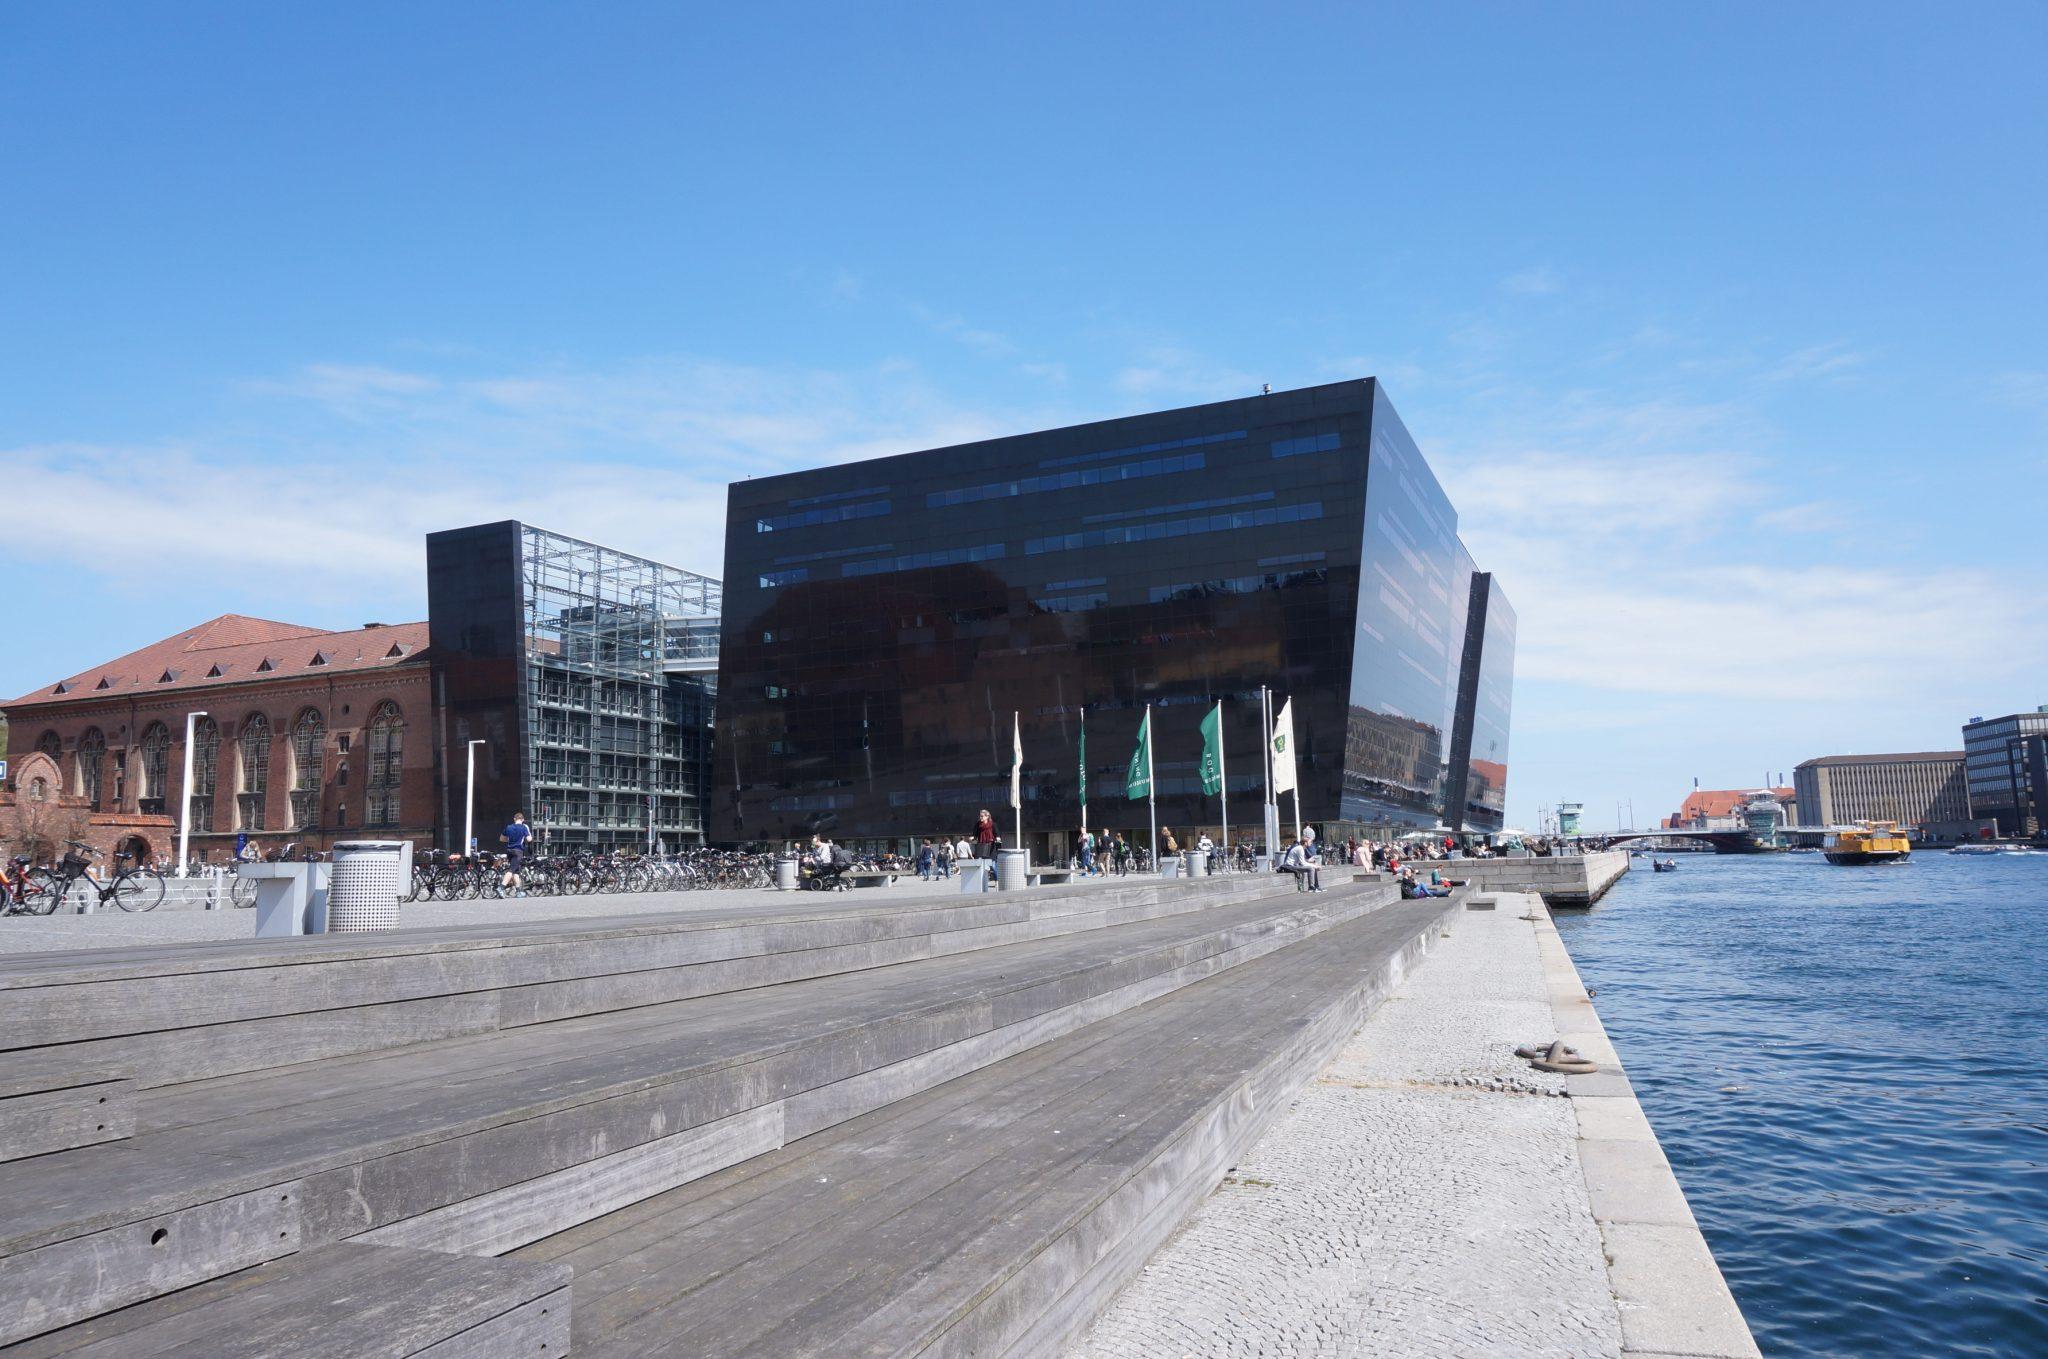 DSC04179 - Kopenhaga - Architour